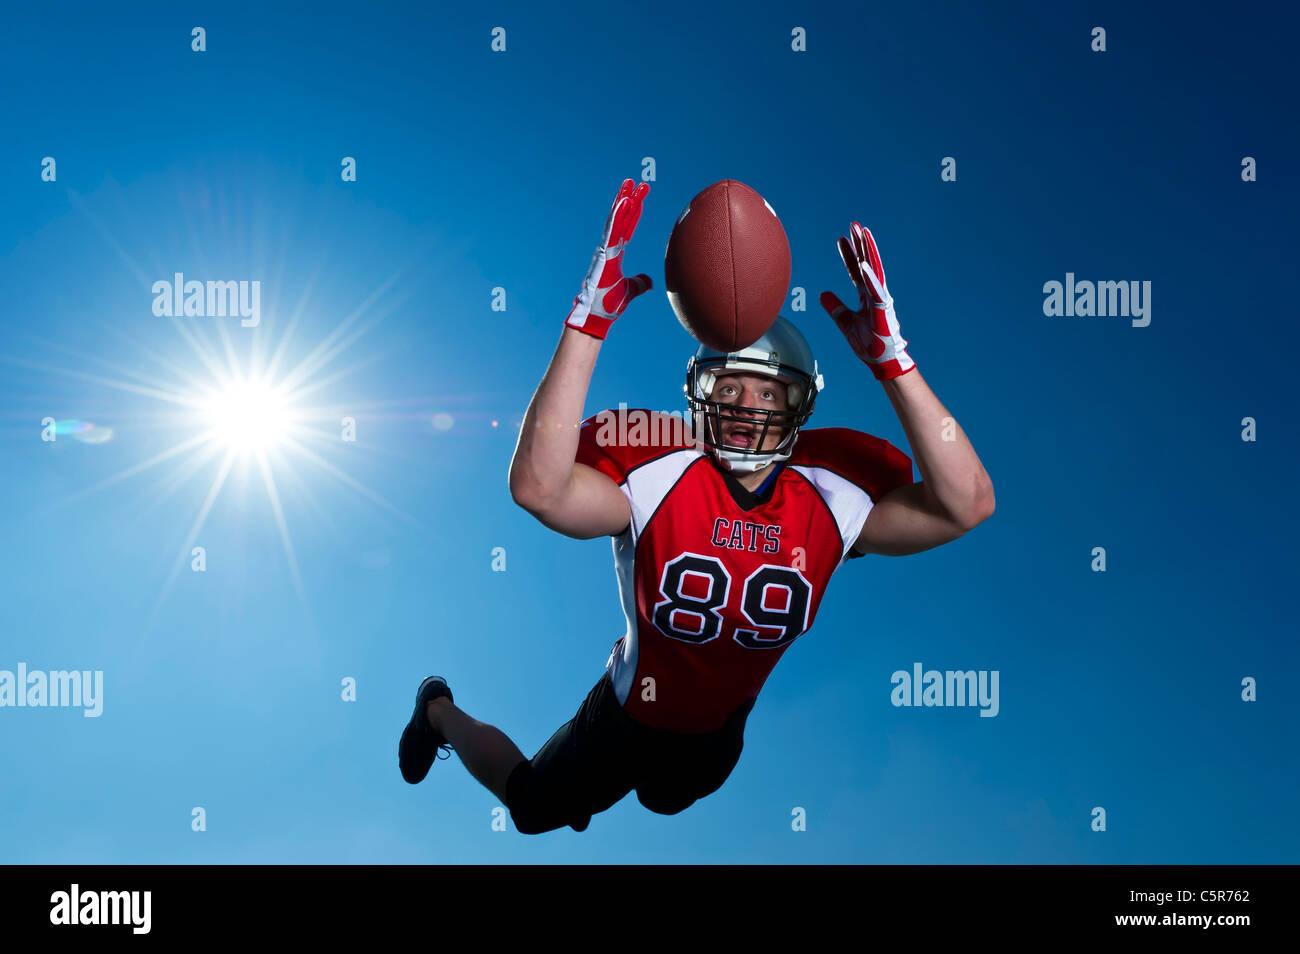 Giocatore di Football Americano volare attraverso l'aria per effettuare la cattura. Immagini Stock